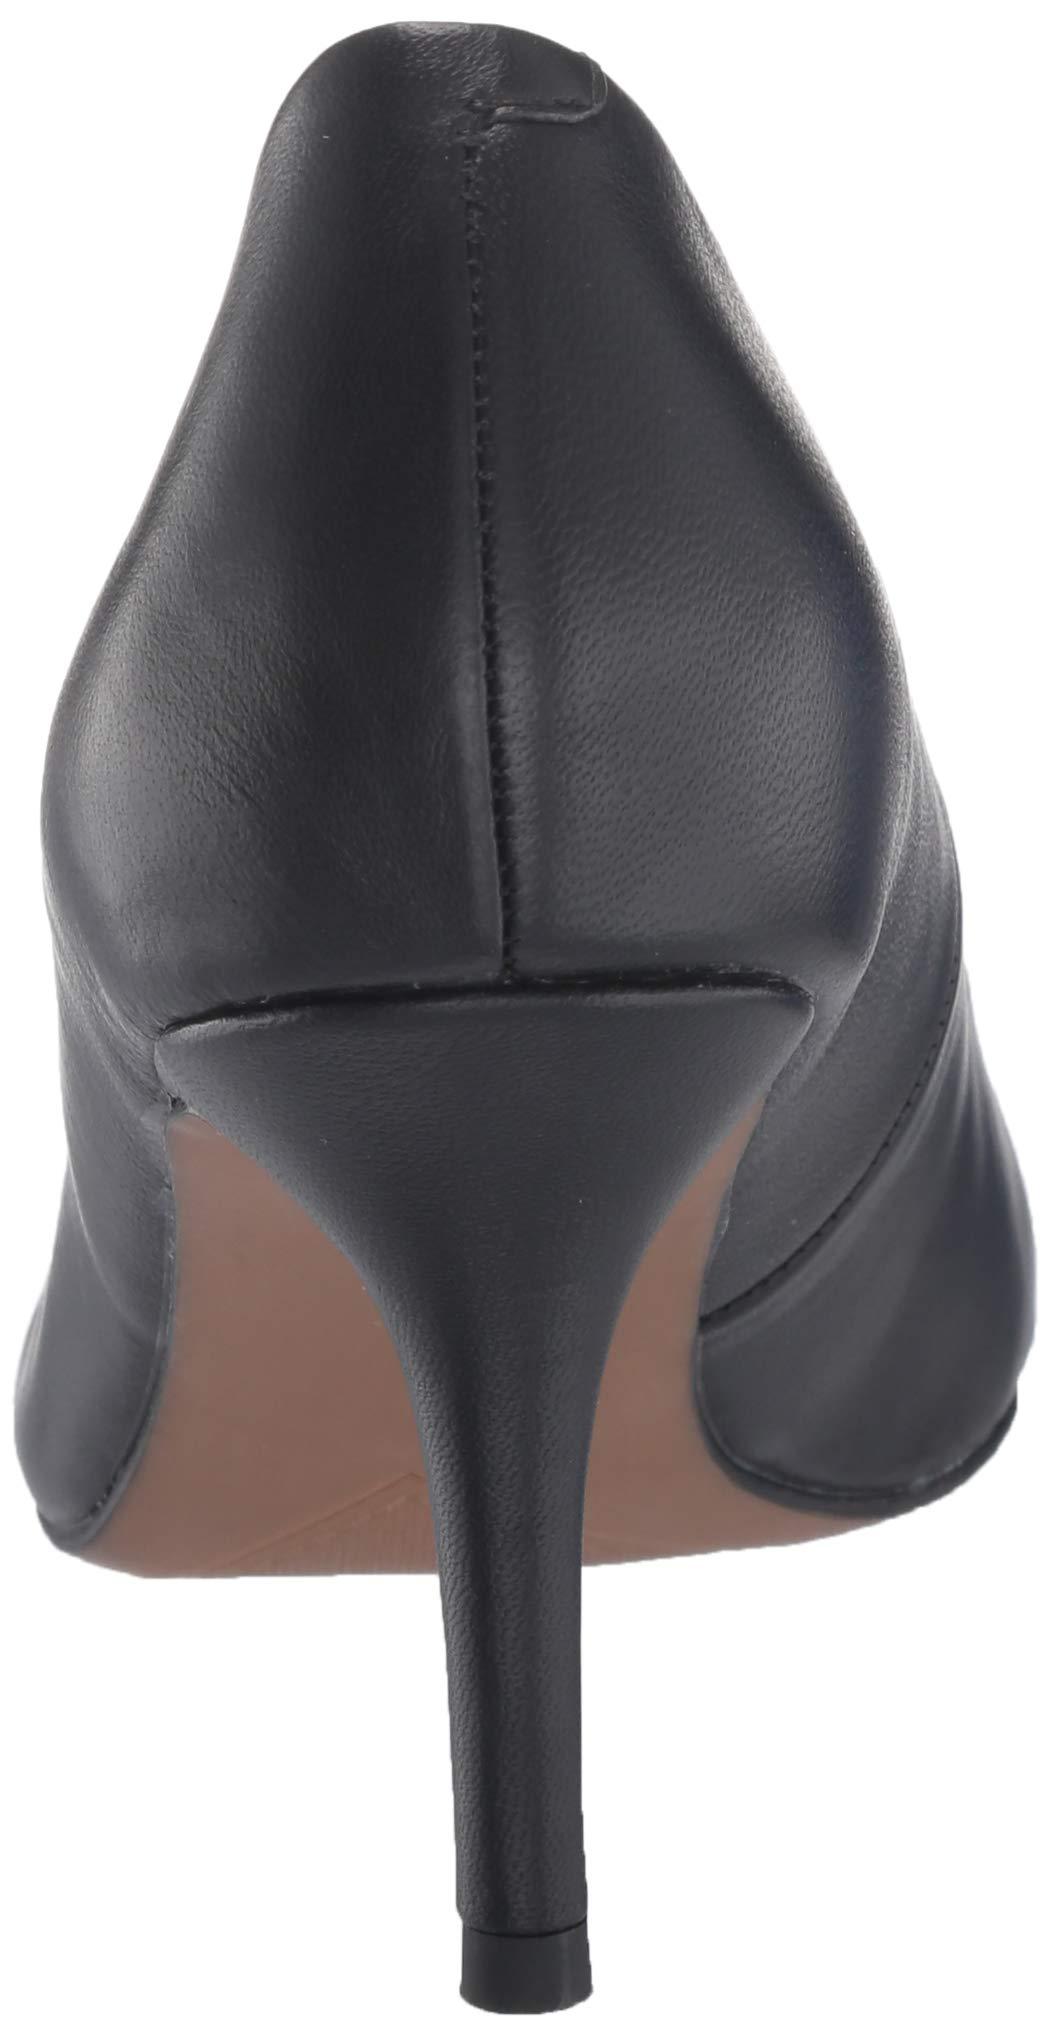 Details about  /Franco Sarto Women/'s Bellini Pump Choose SZ//color